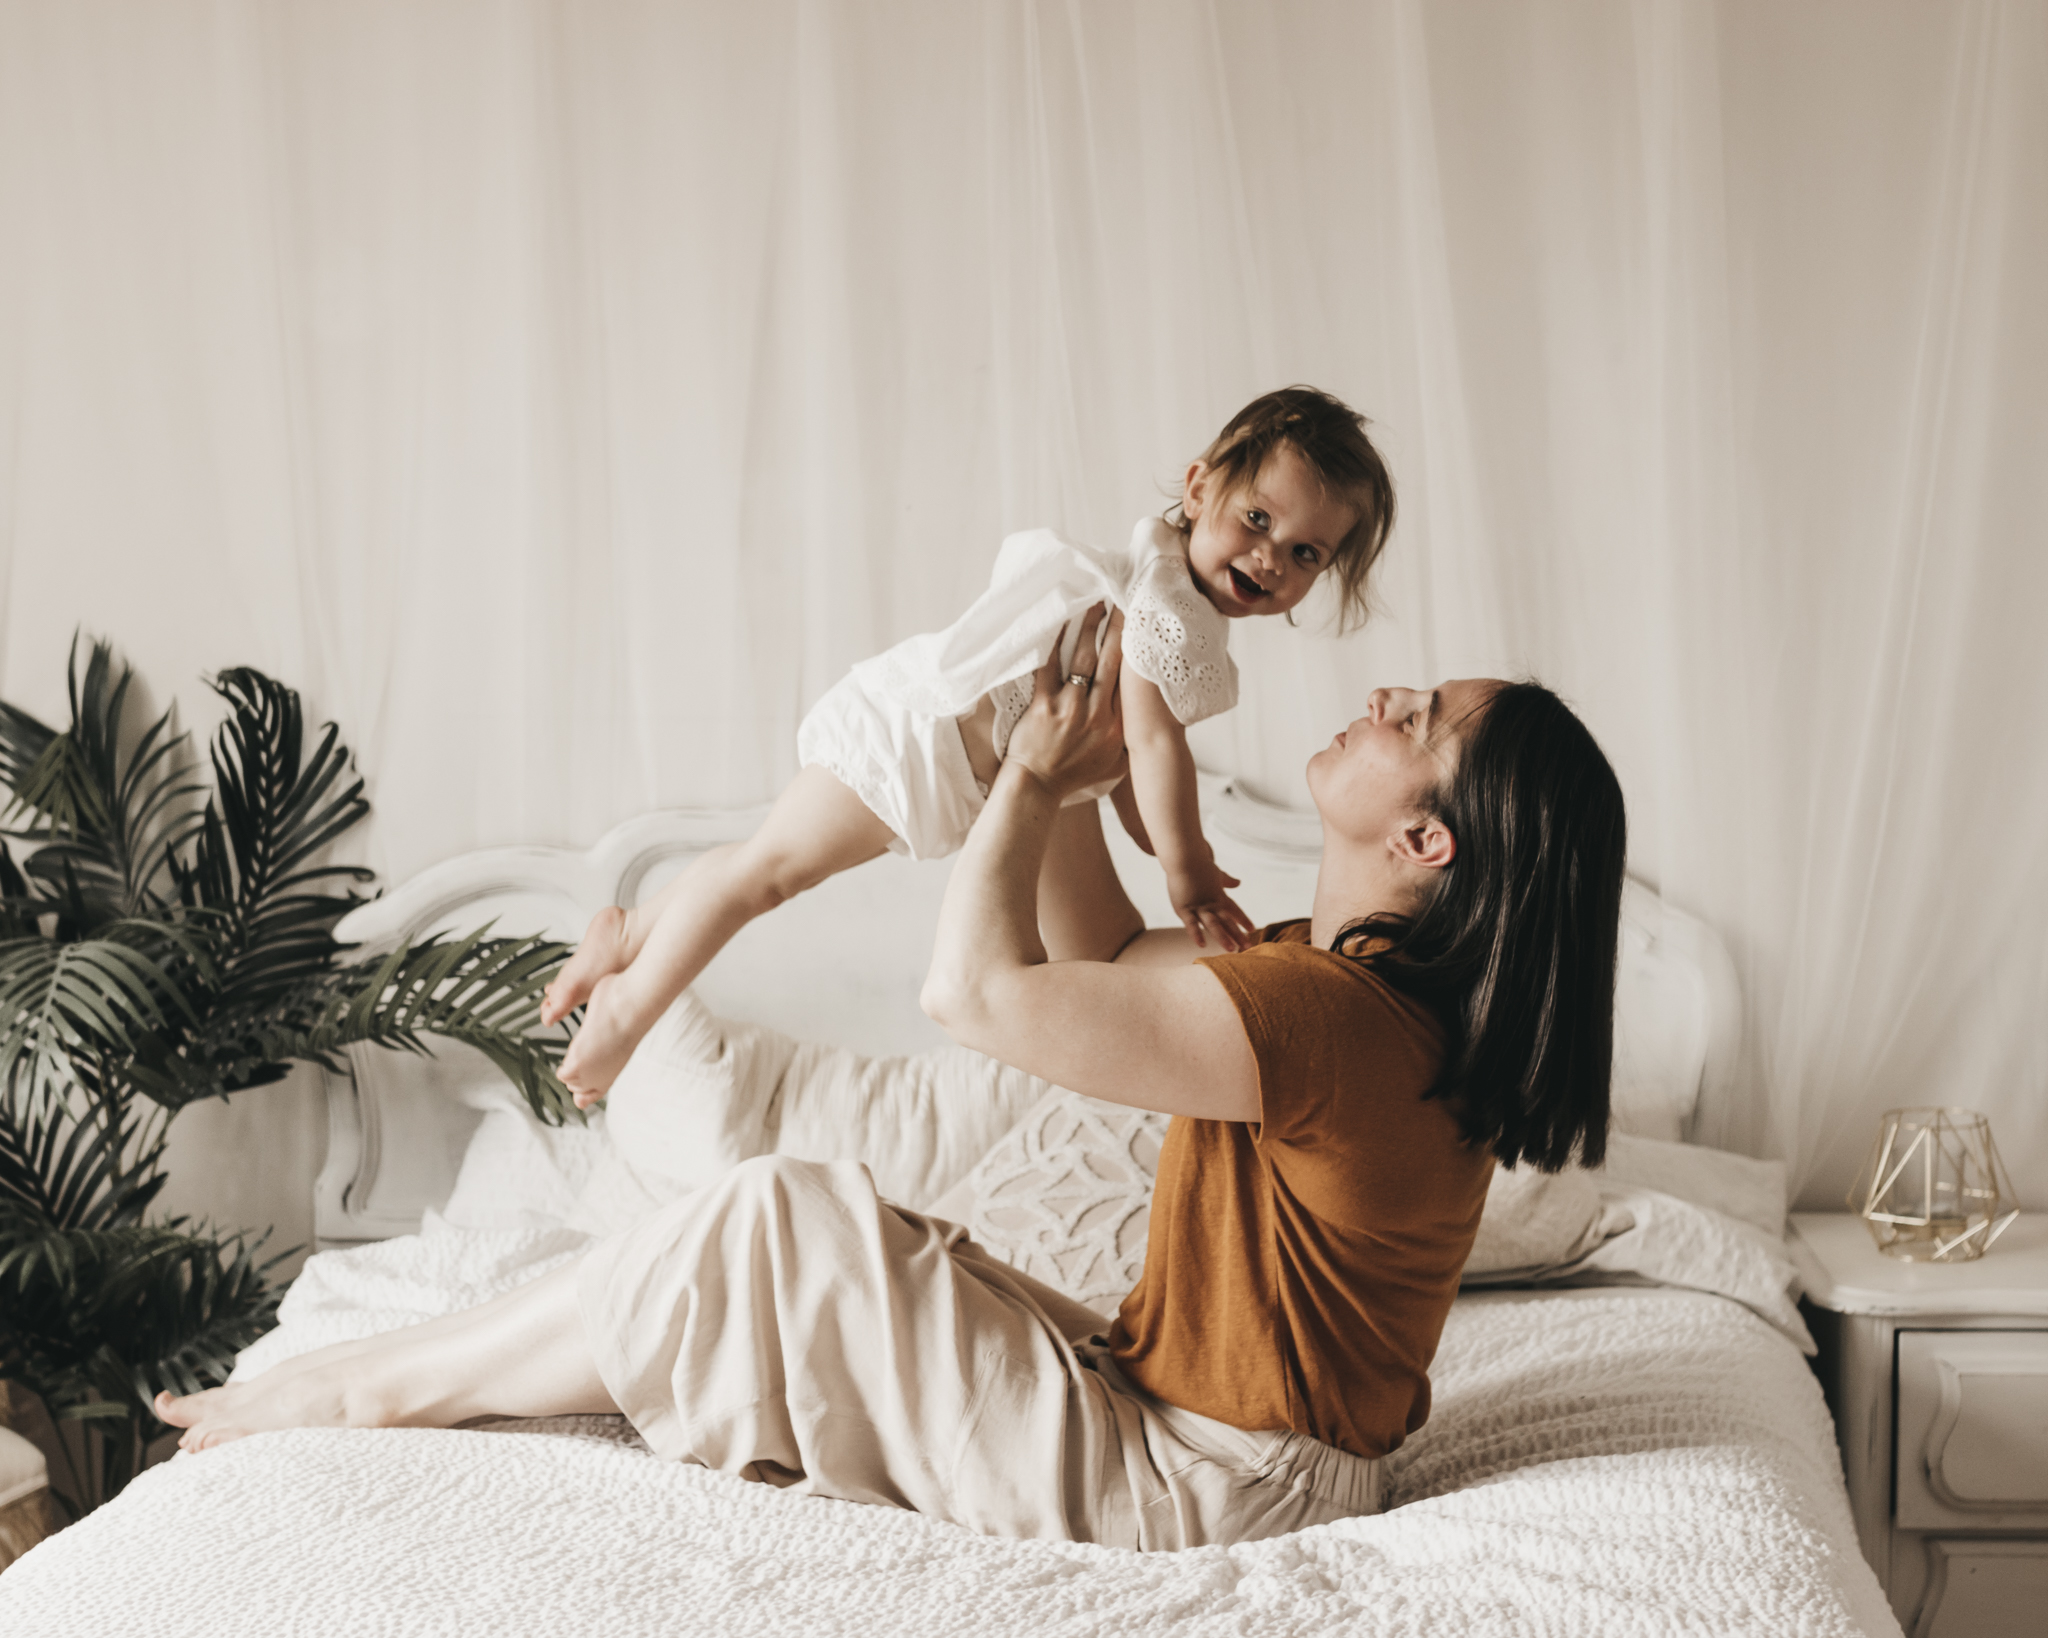 Andrew Family | Life Unposed Workshop | Edmonton Photographer